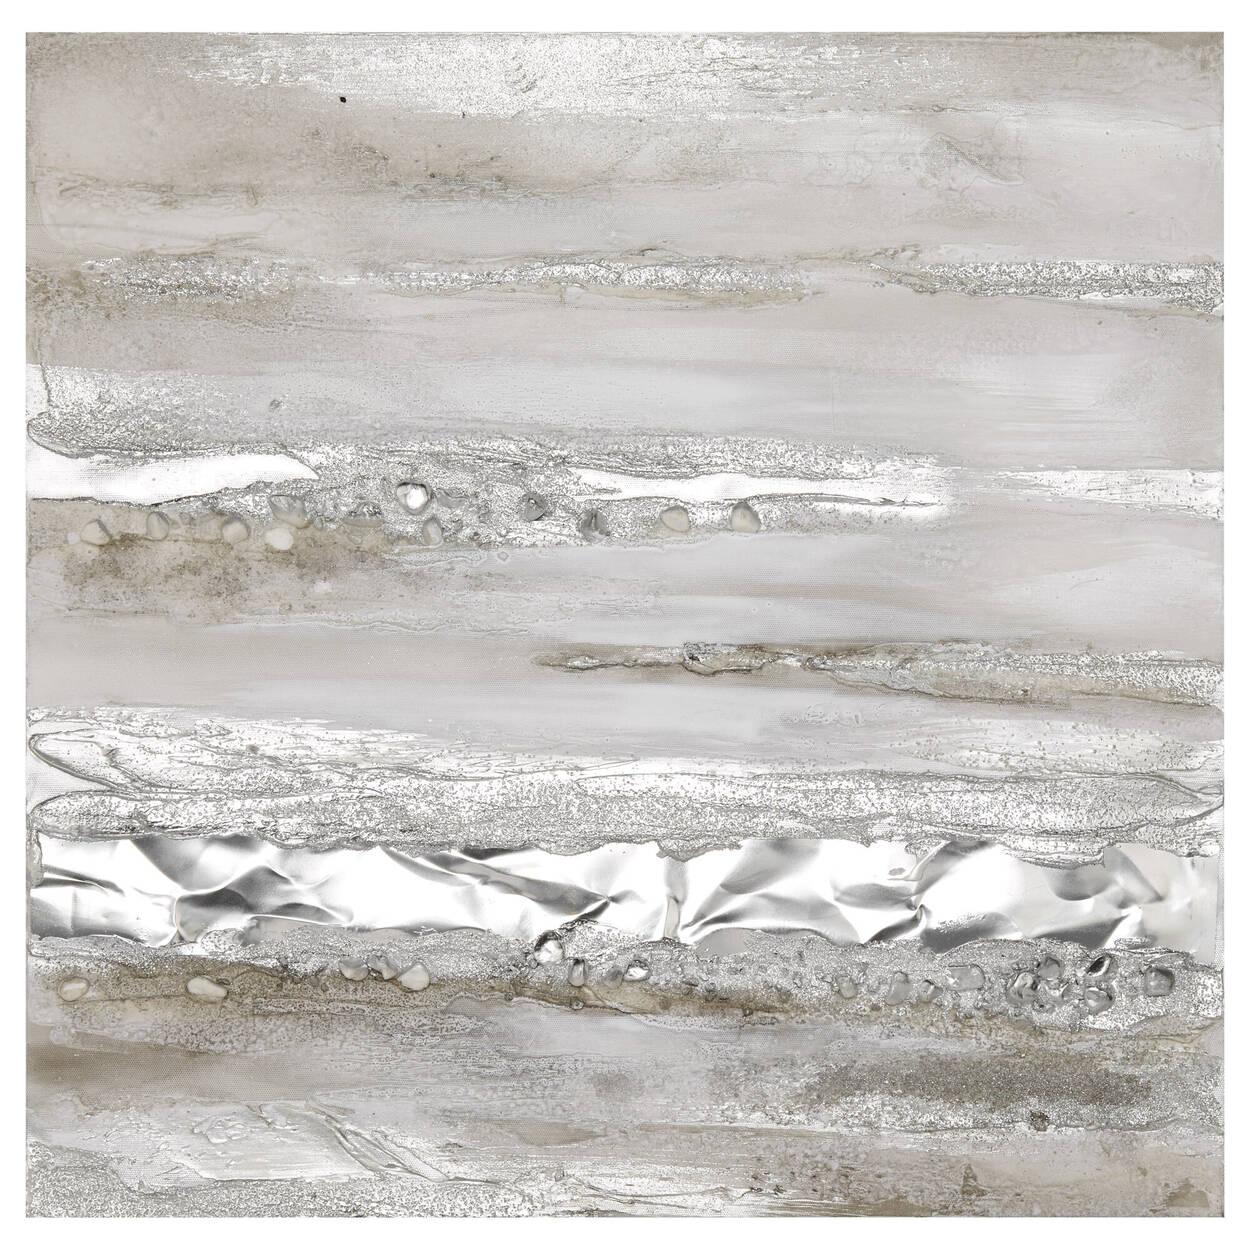 Tableau abstrait peint à l'huile avec accents métalliques